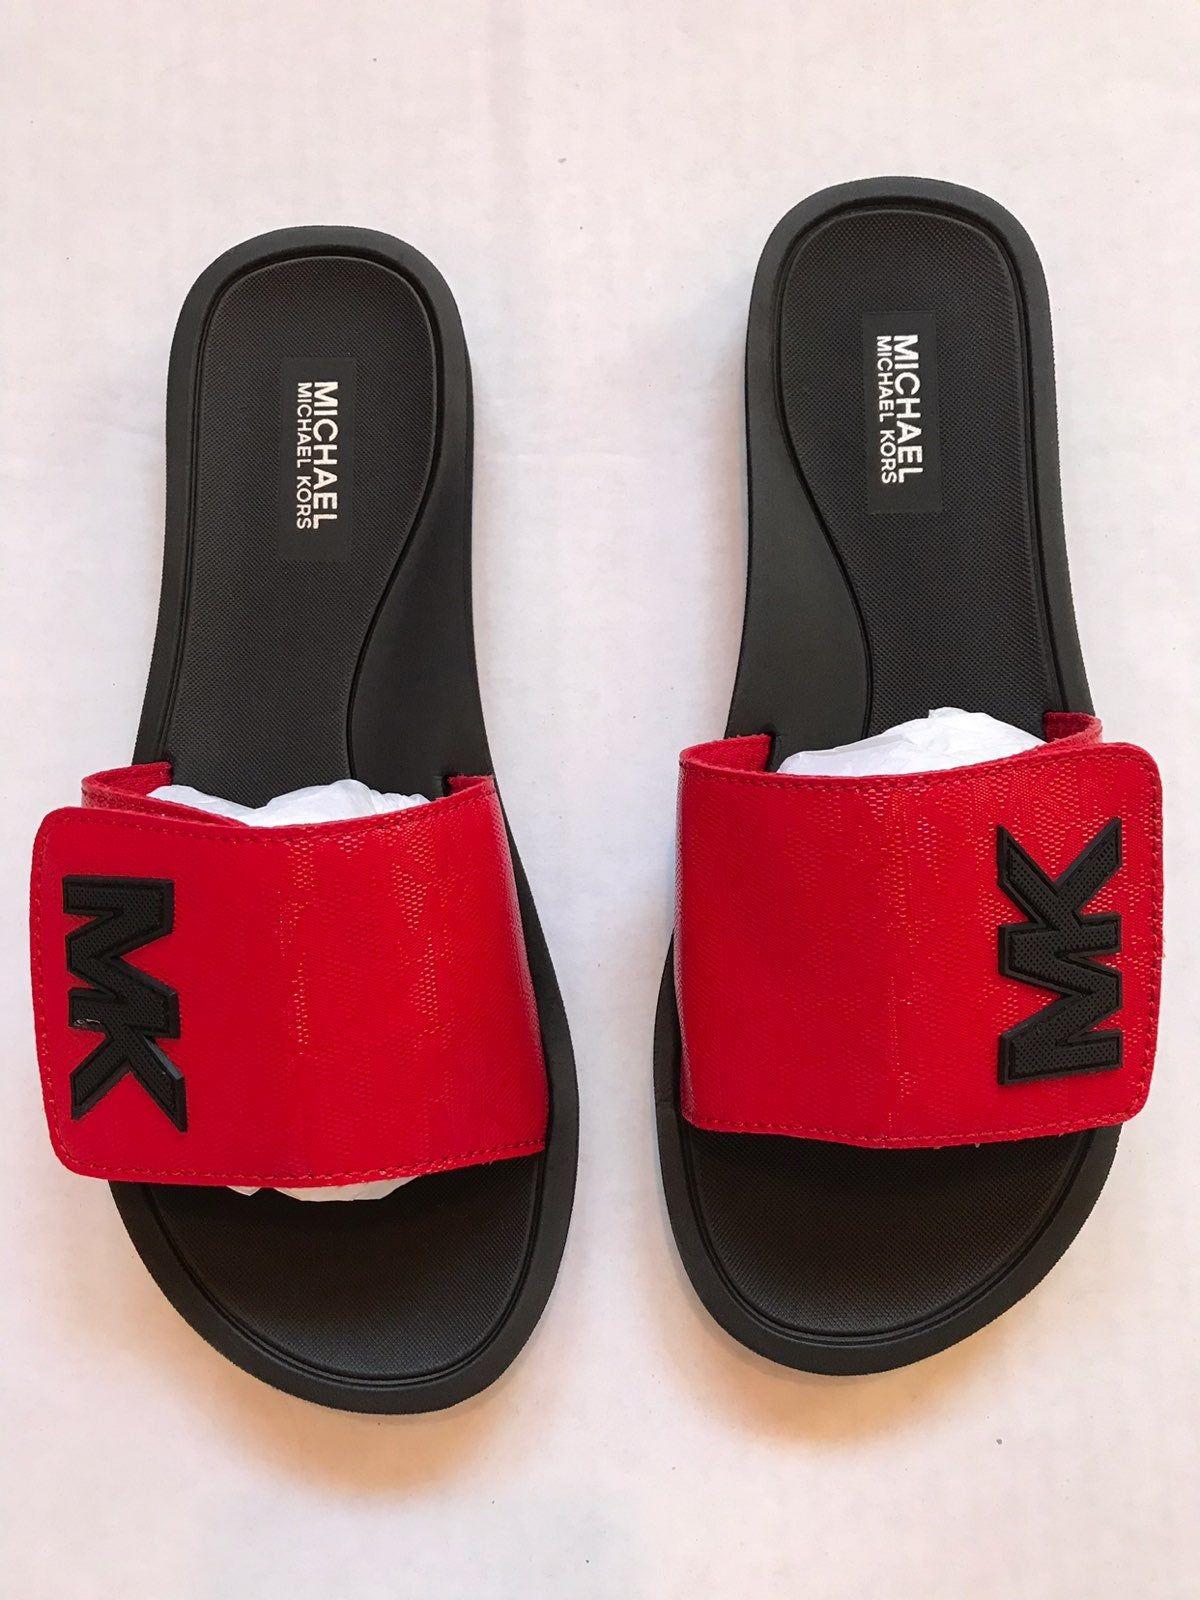 red mk slides michael kors on sale